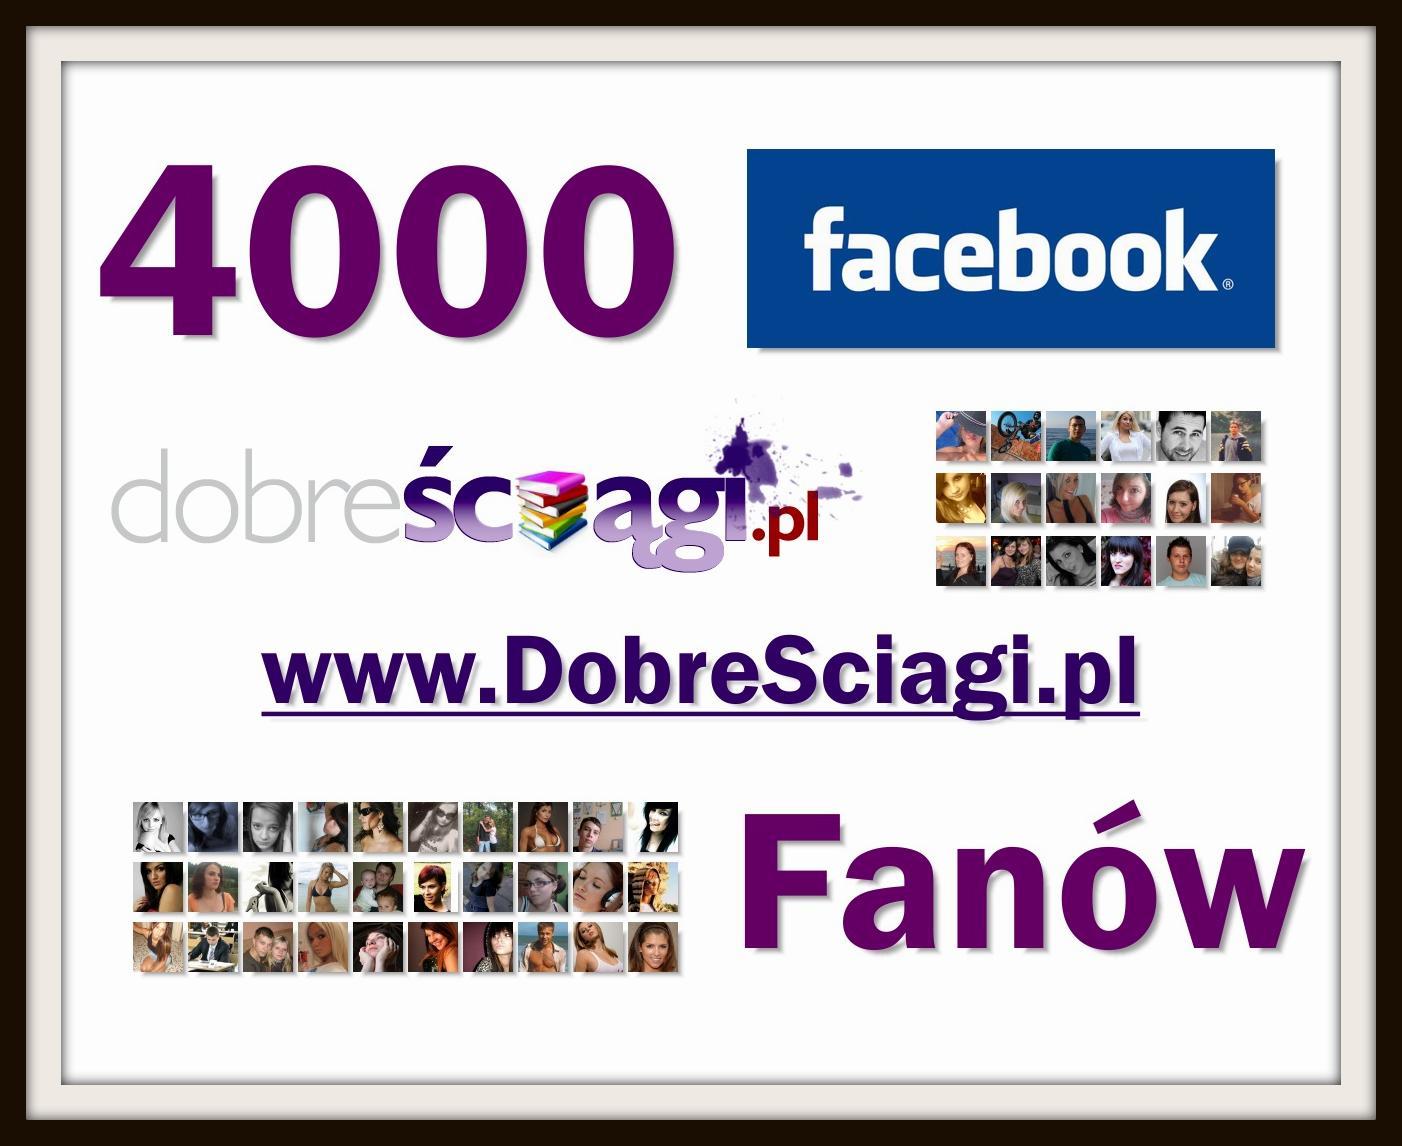 DobreSciagi.pl Facebook 4000 fanów